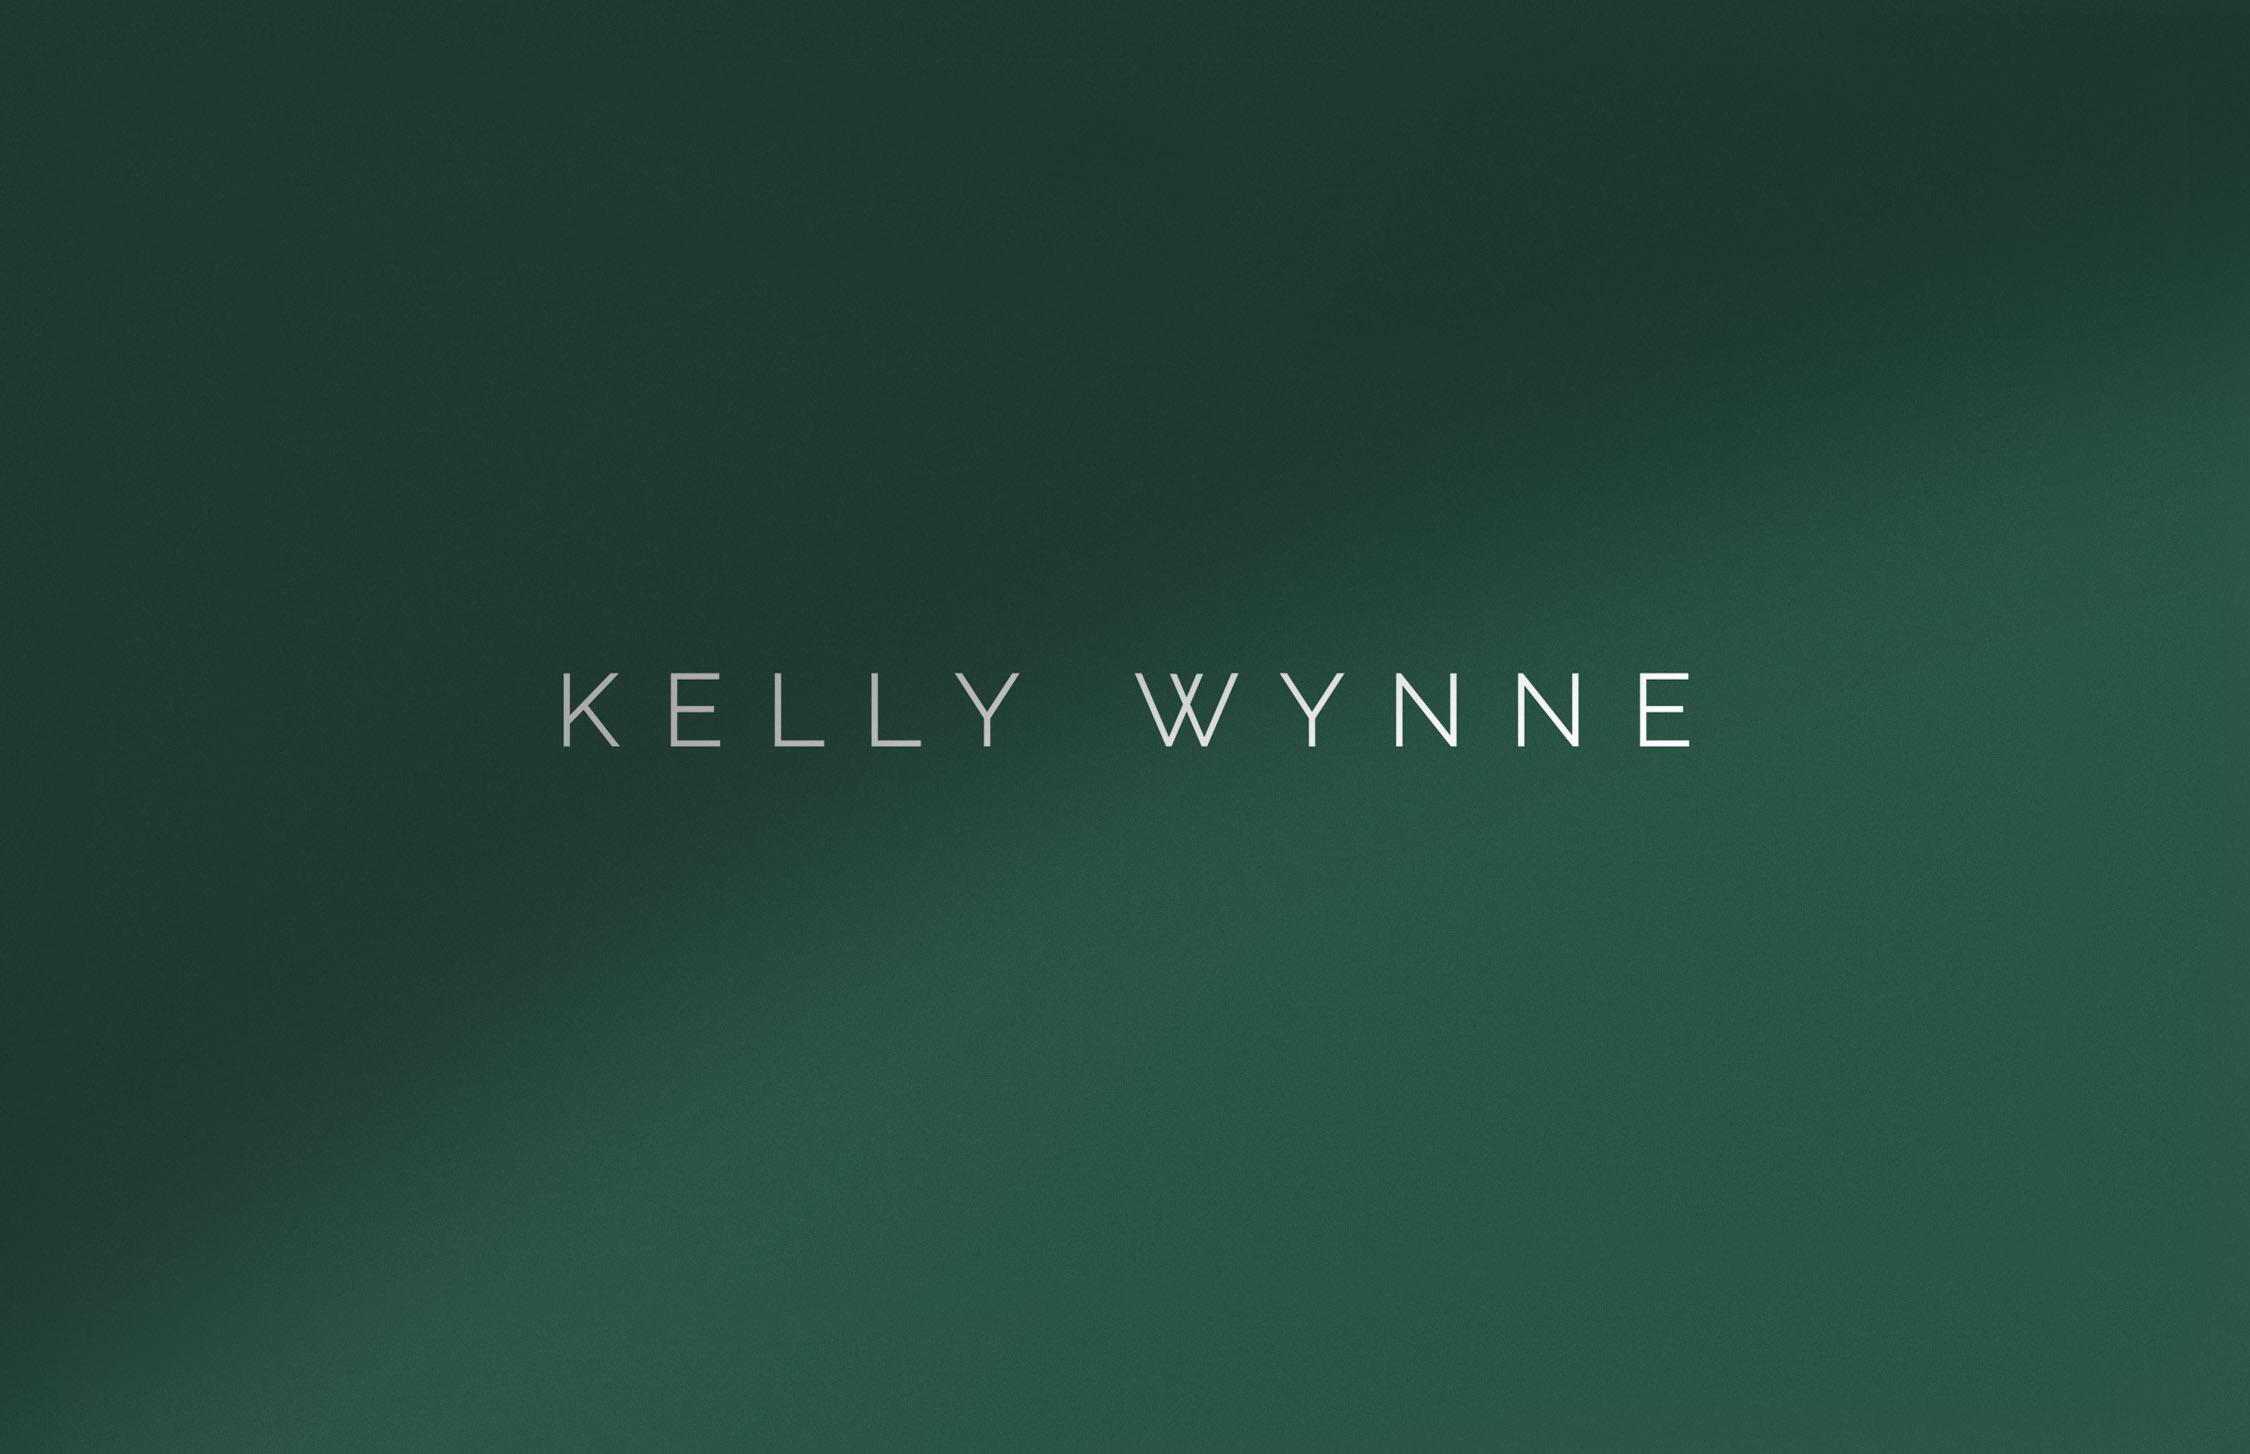 Kelly Wynne